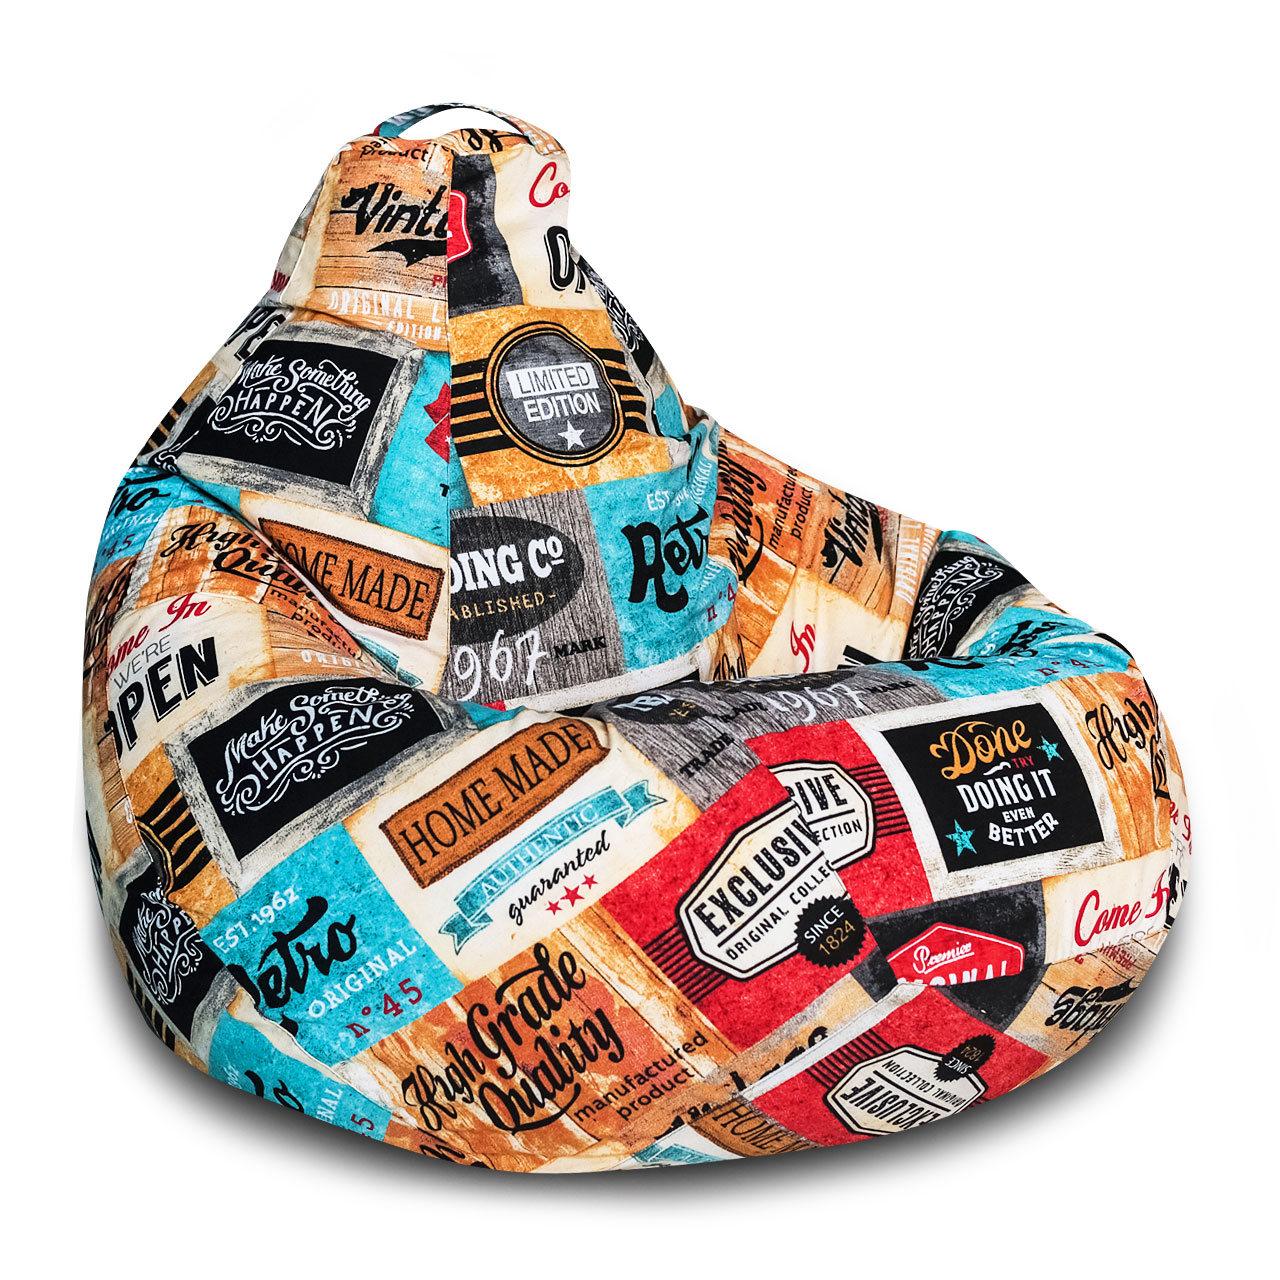 Кресло-мешок DreamBag Лейбл, размер XL, жаккард, разноцветный фото